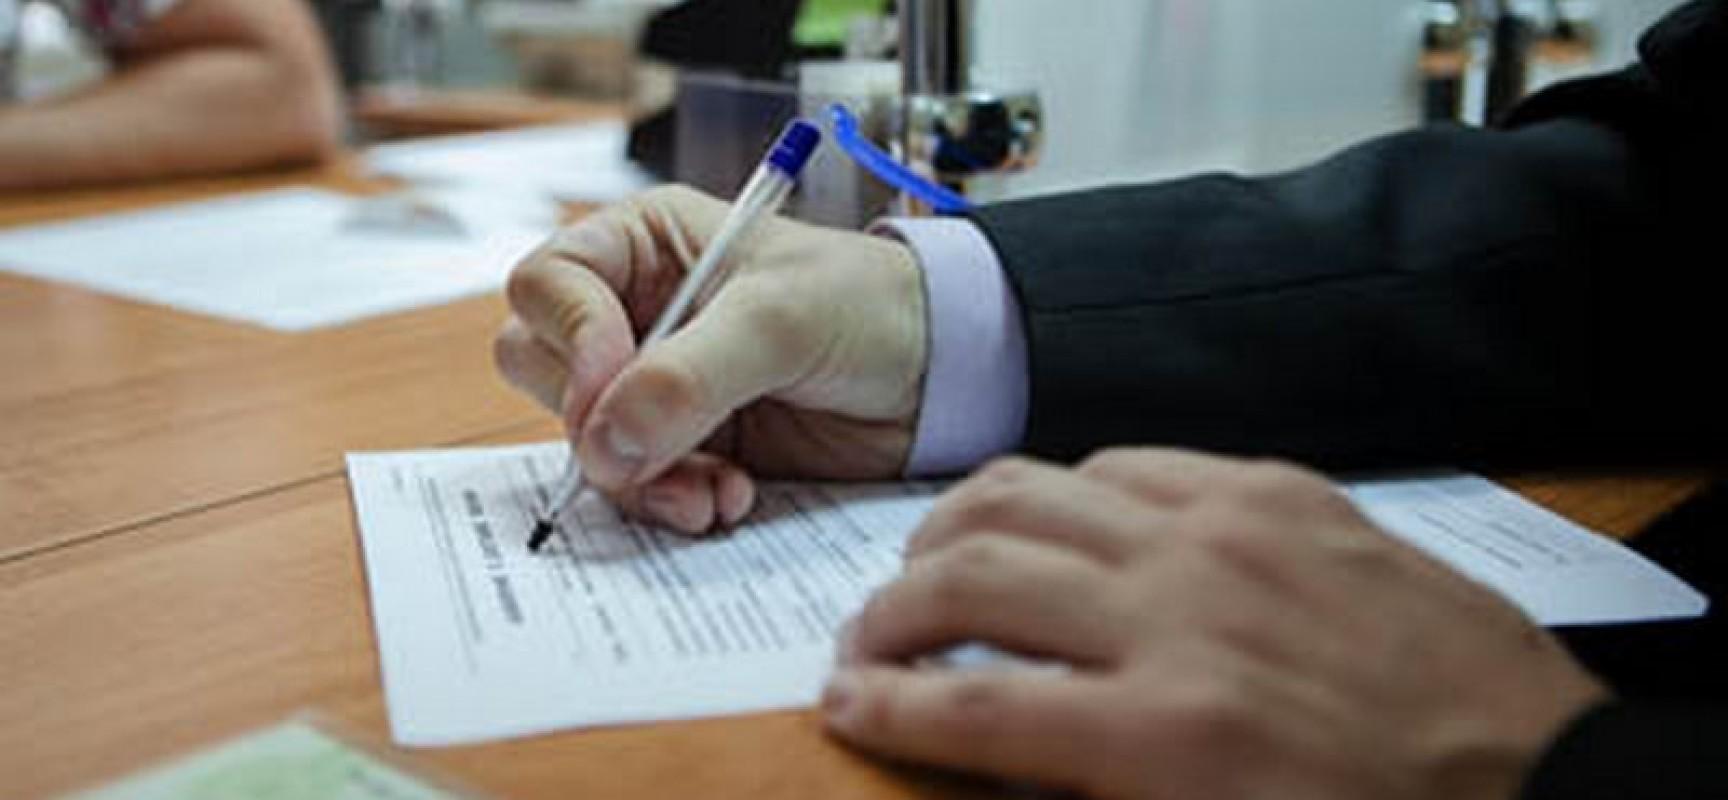 Что нужно знать для возможности получения накопительной пенсии единовременной выплатой?